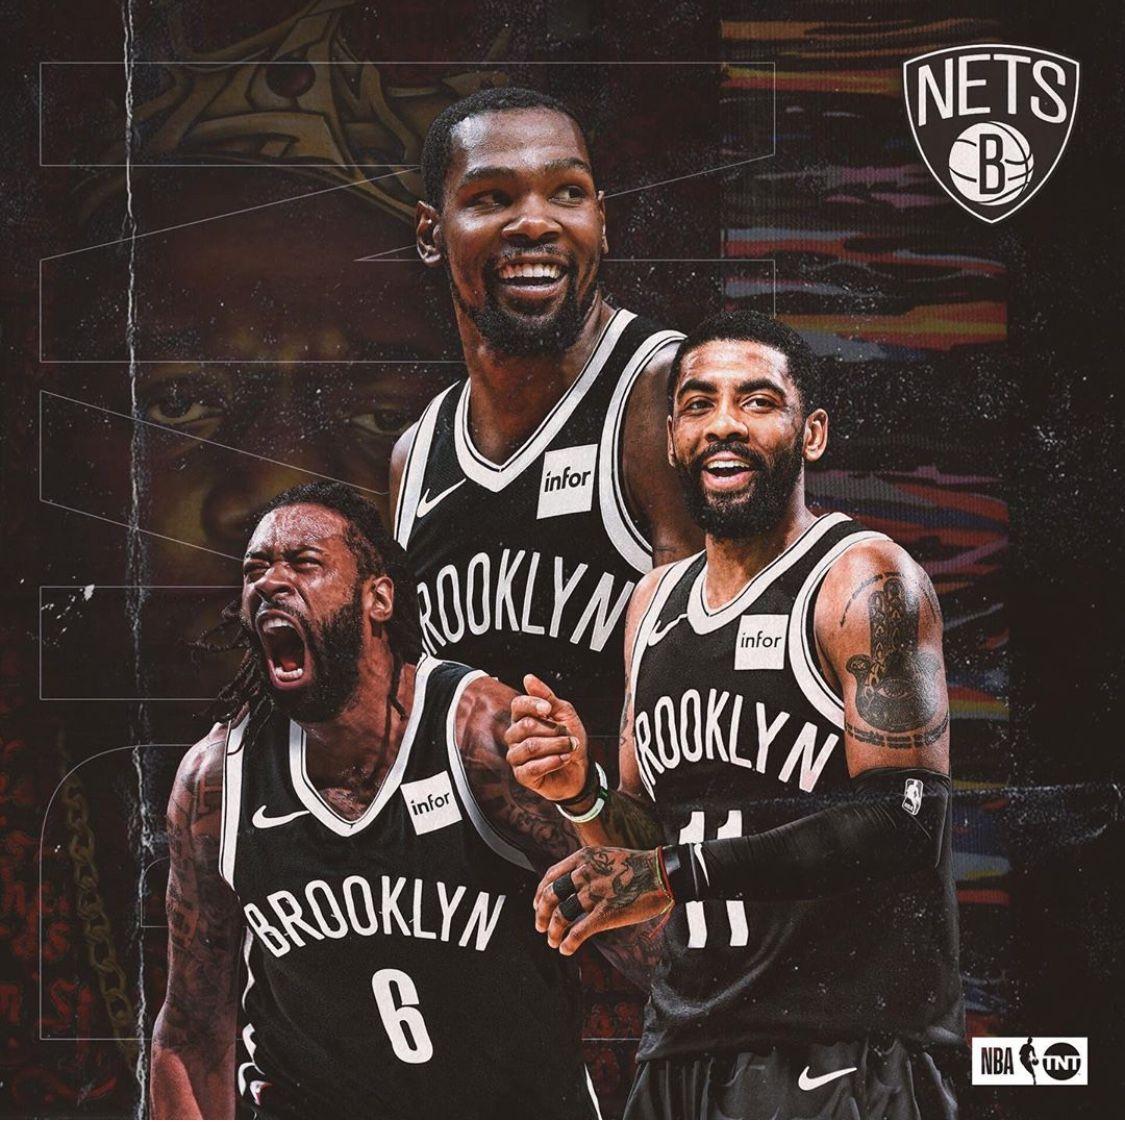 Pin On Nba Basketball Art